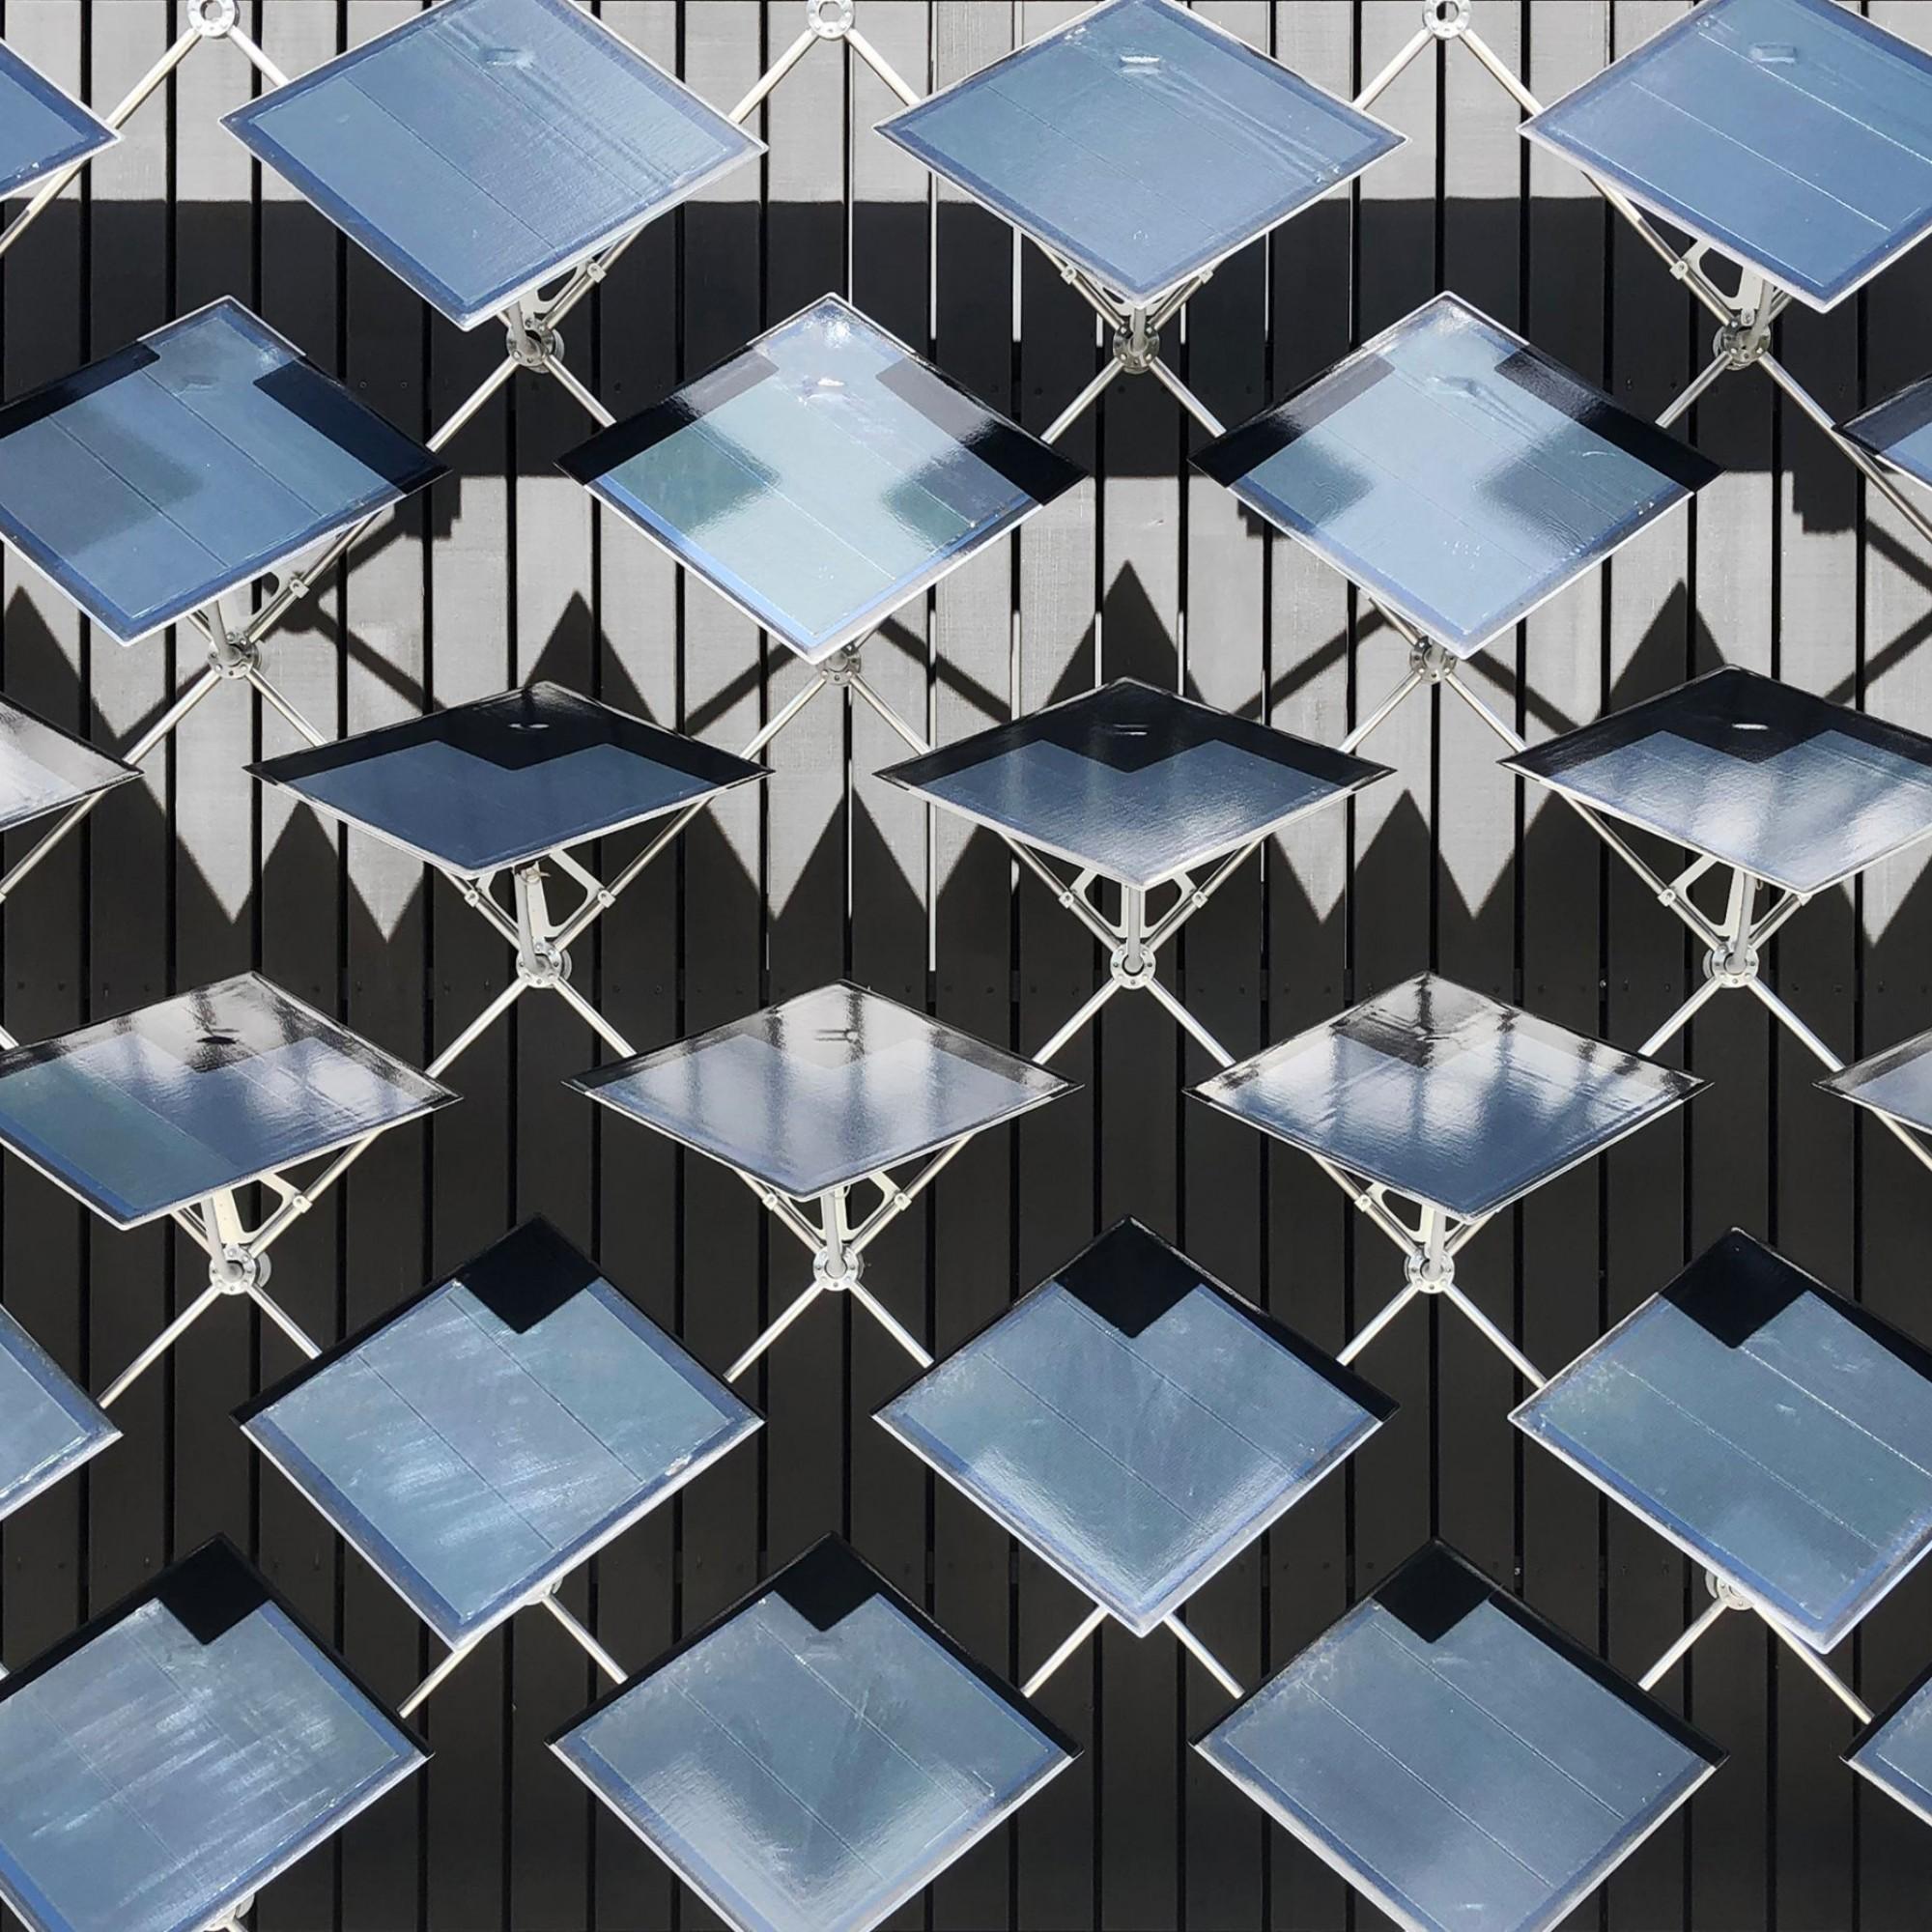 Im Vergleich zu statischen Fassaden-Paneelen erzeugen jene der Solarfassaderund 50 Prozent mehr Energie.